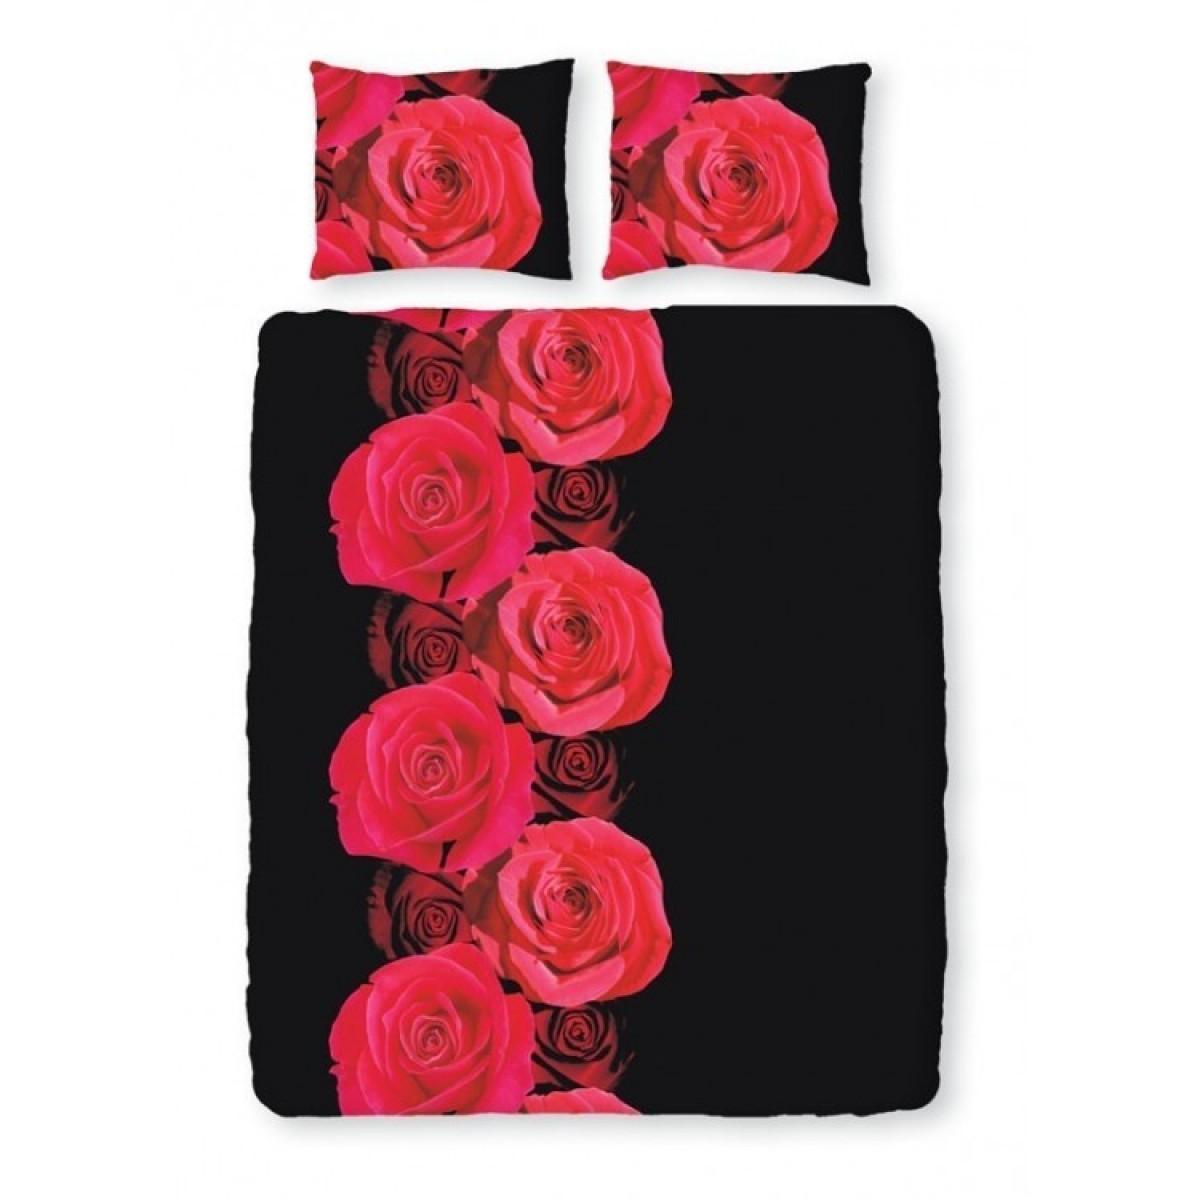 Romanette Satin D'or Roses Zwart